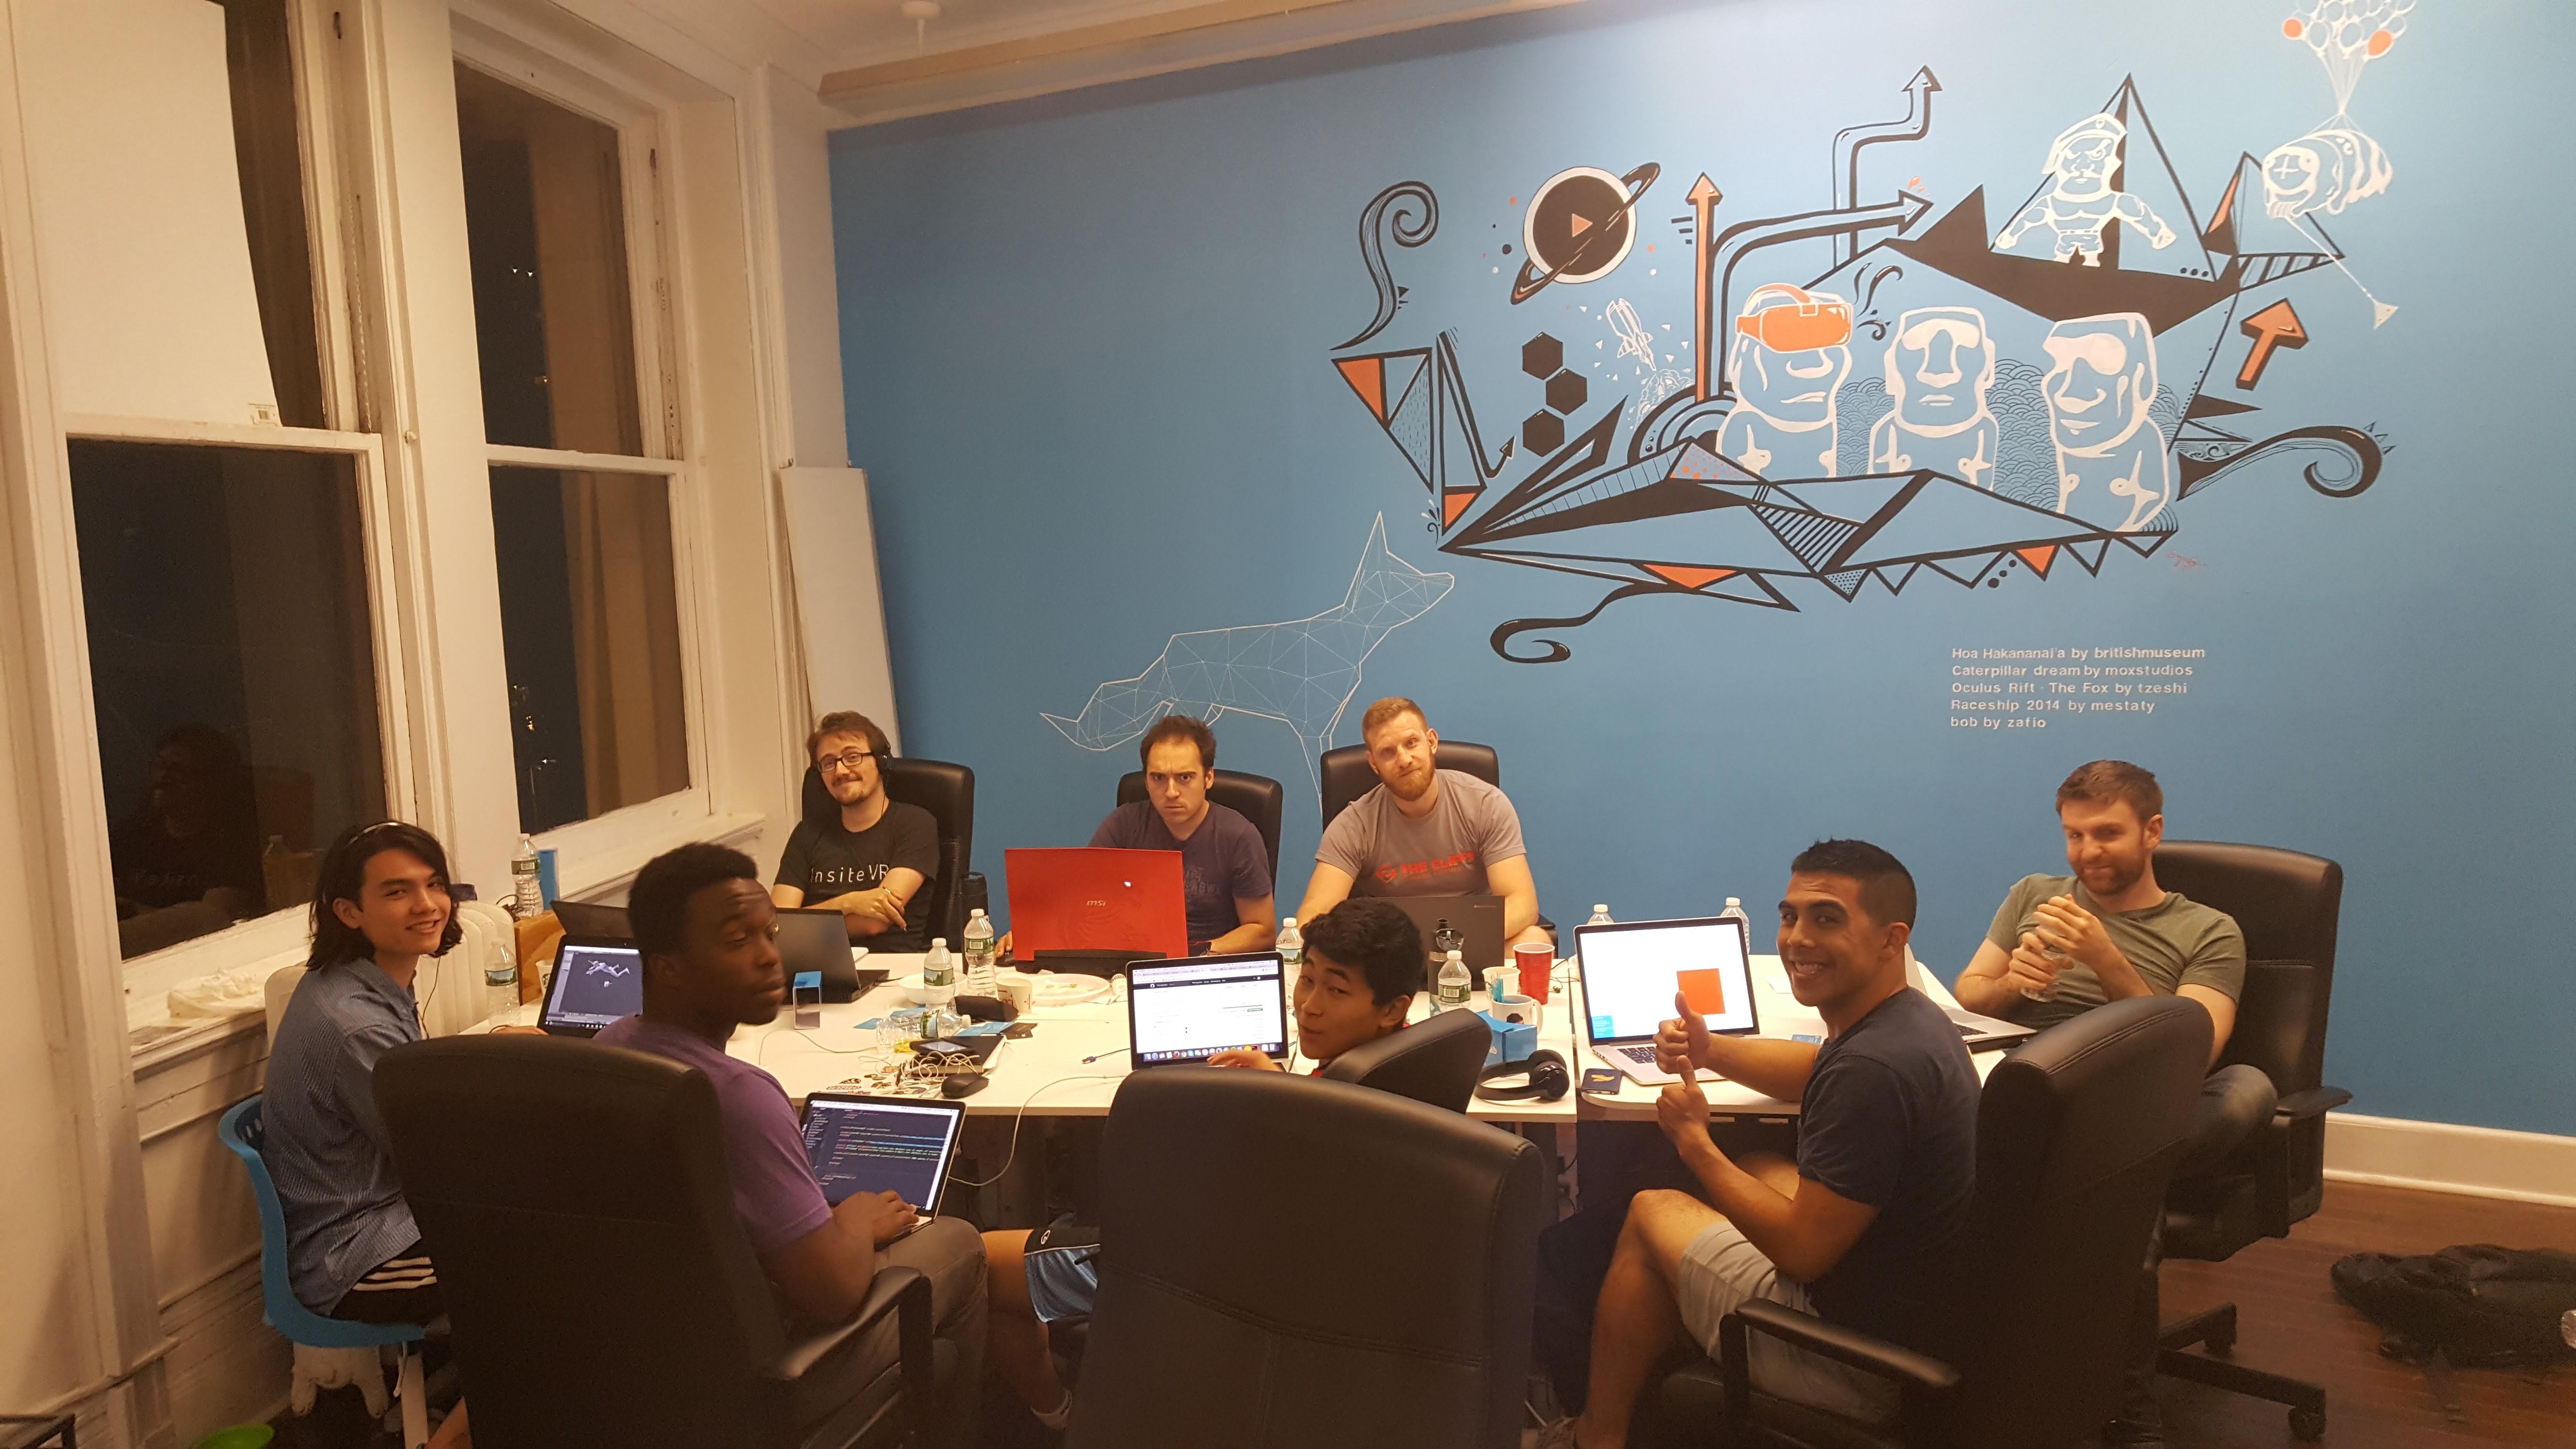 Sketchfab Hackathon Presentations 2